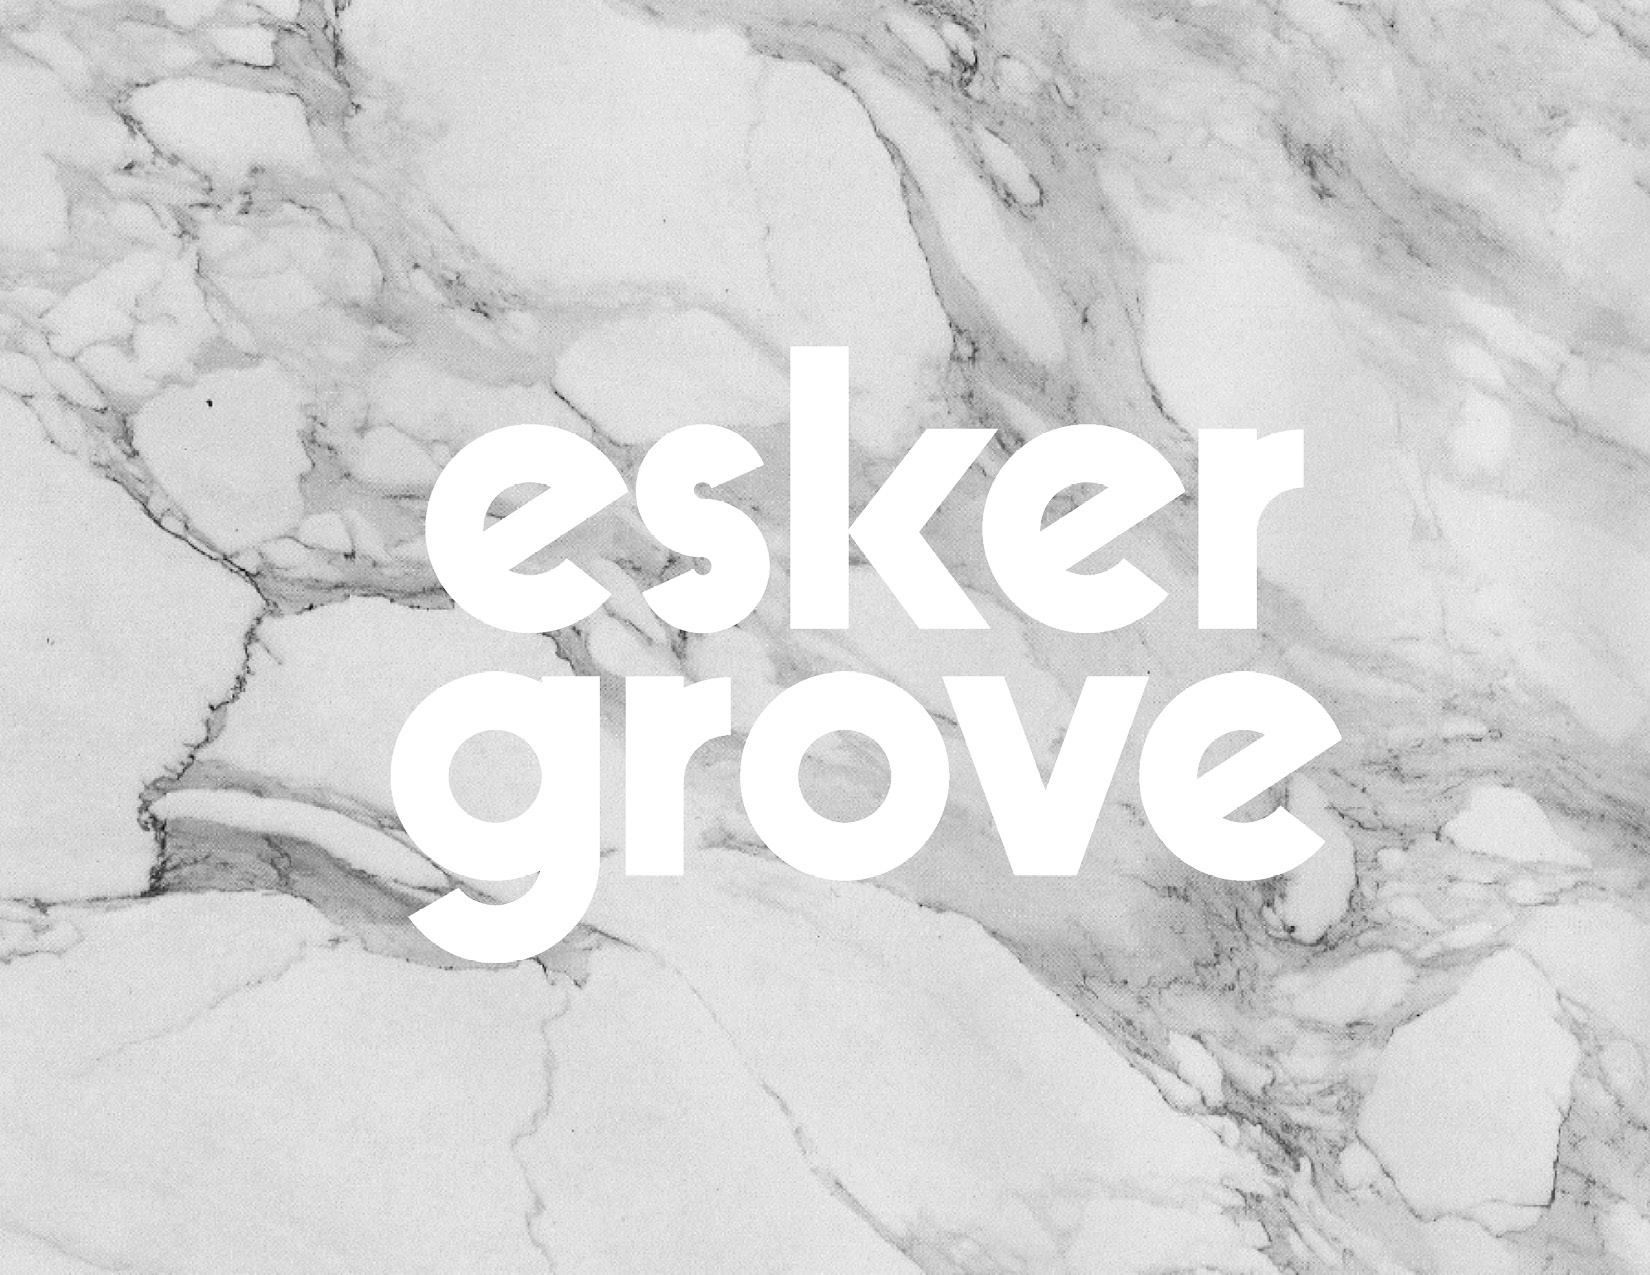 Liz Gardner_Josef Harris_ Esker Grove_ BodegaLtd_The Walker Art Center.jpg